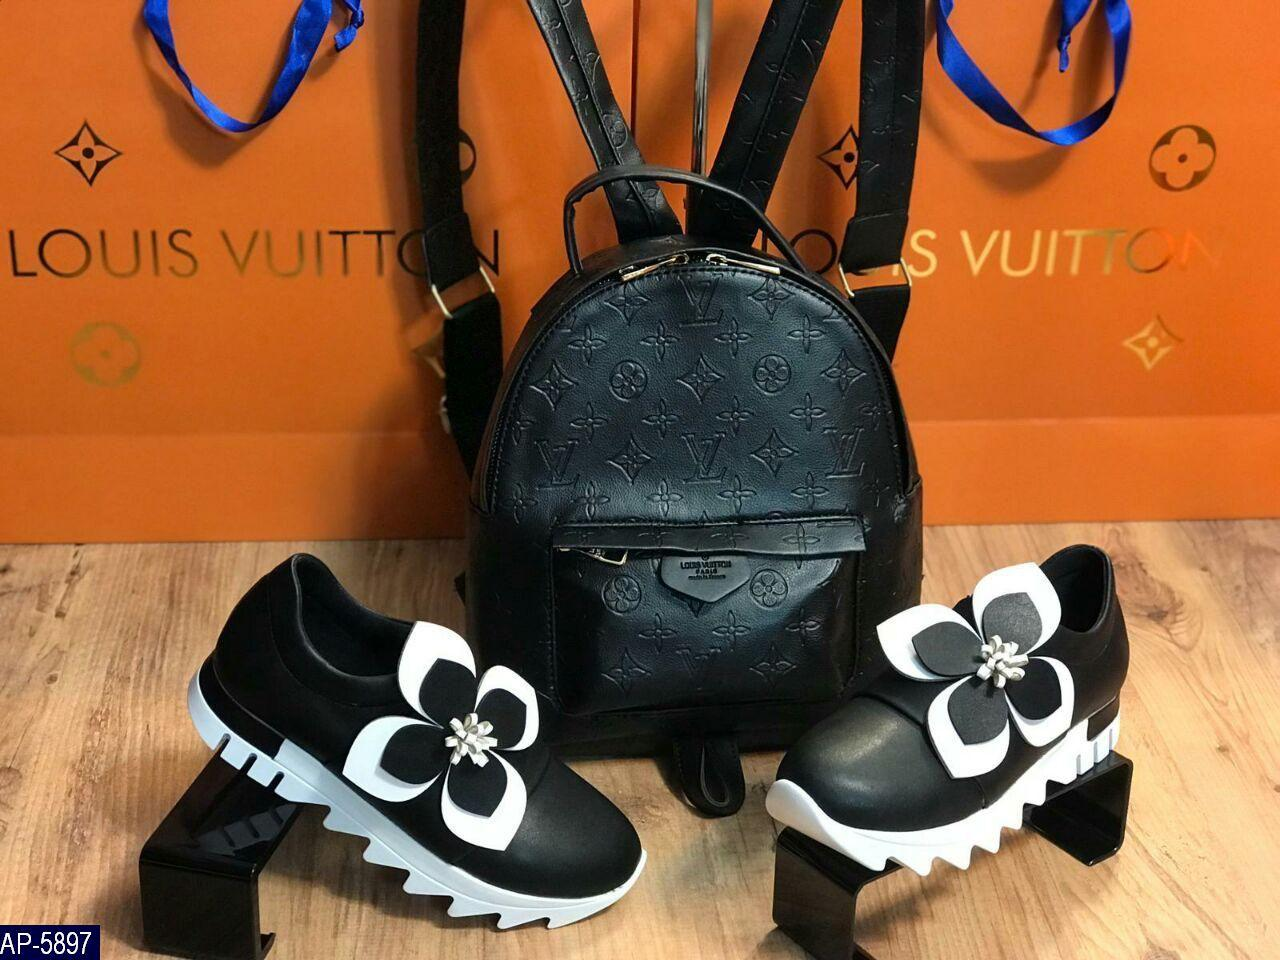 Обувь женская Слипы Louis Vuitton Турция, высокое качество, износостойкая подошва. Под заказ 5-10 дней